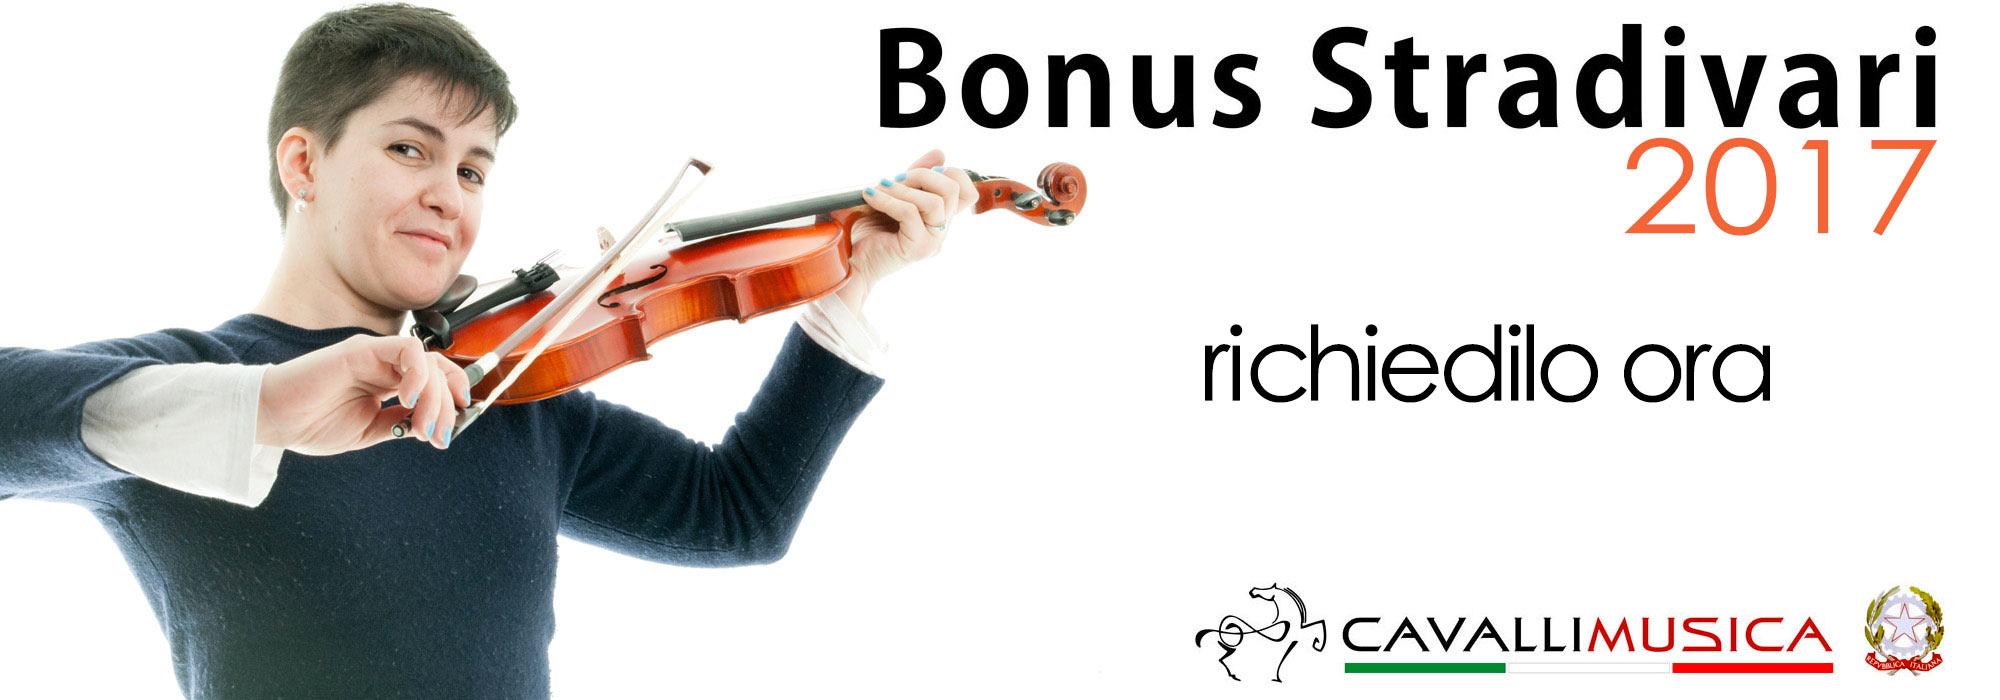 bonus-richiedilo-ora